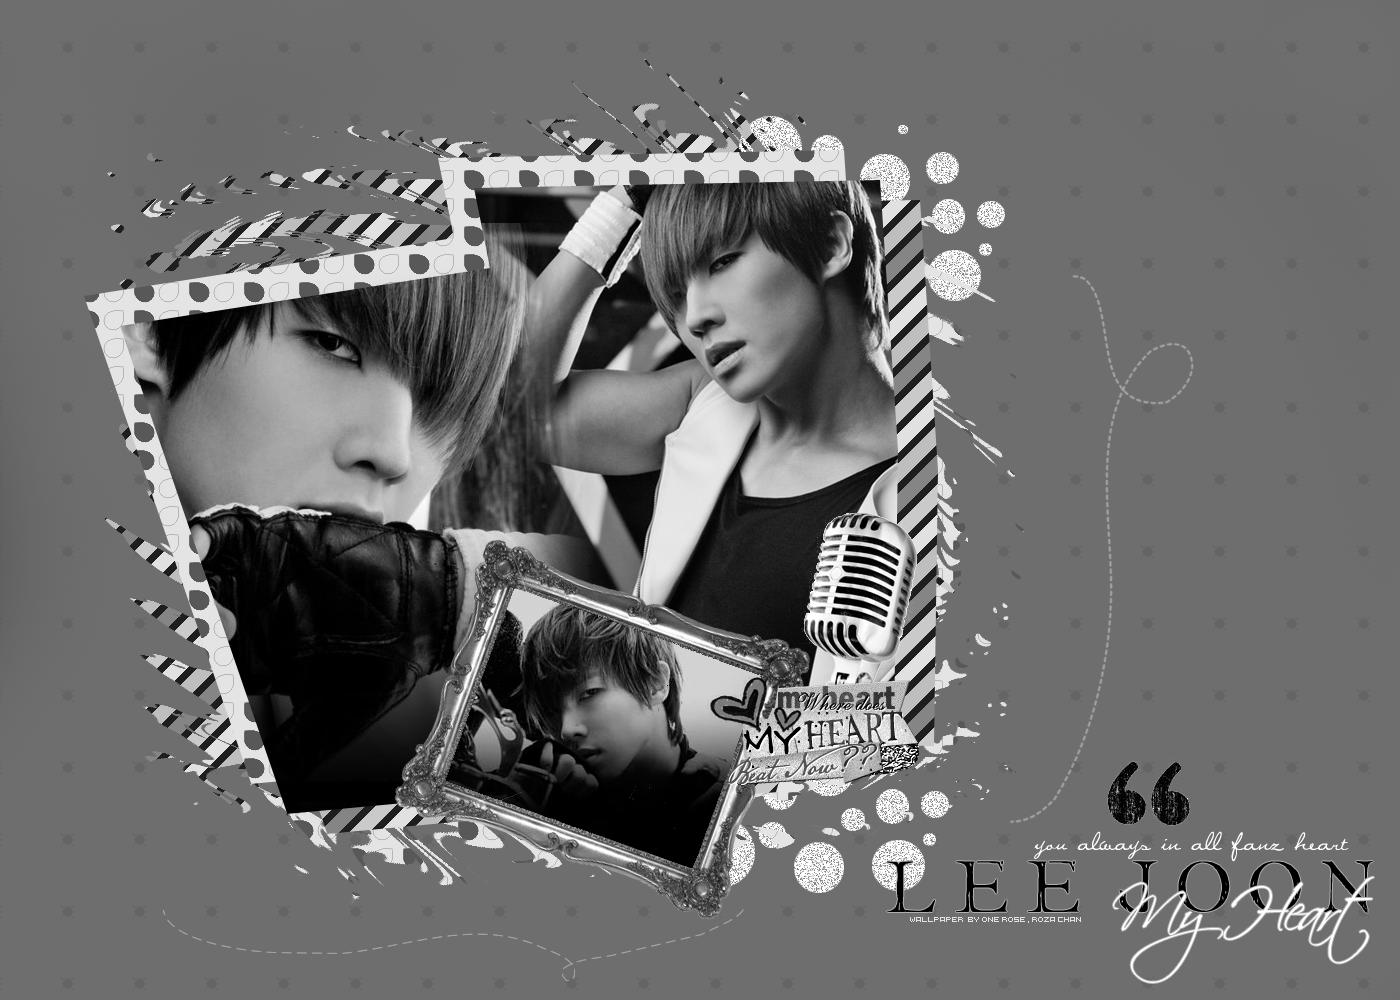 صور لفرقة MBLAQ من تجميعي Joon___all_MBLAQ_wallpapers_by_RozaChan